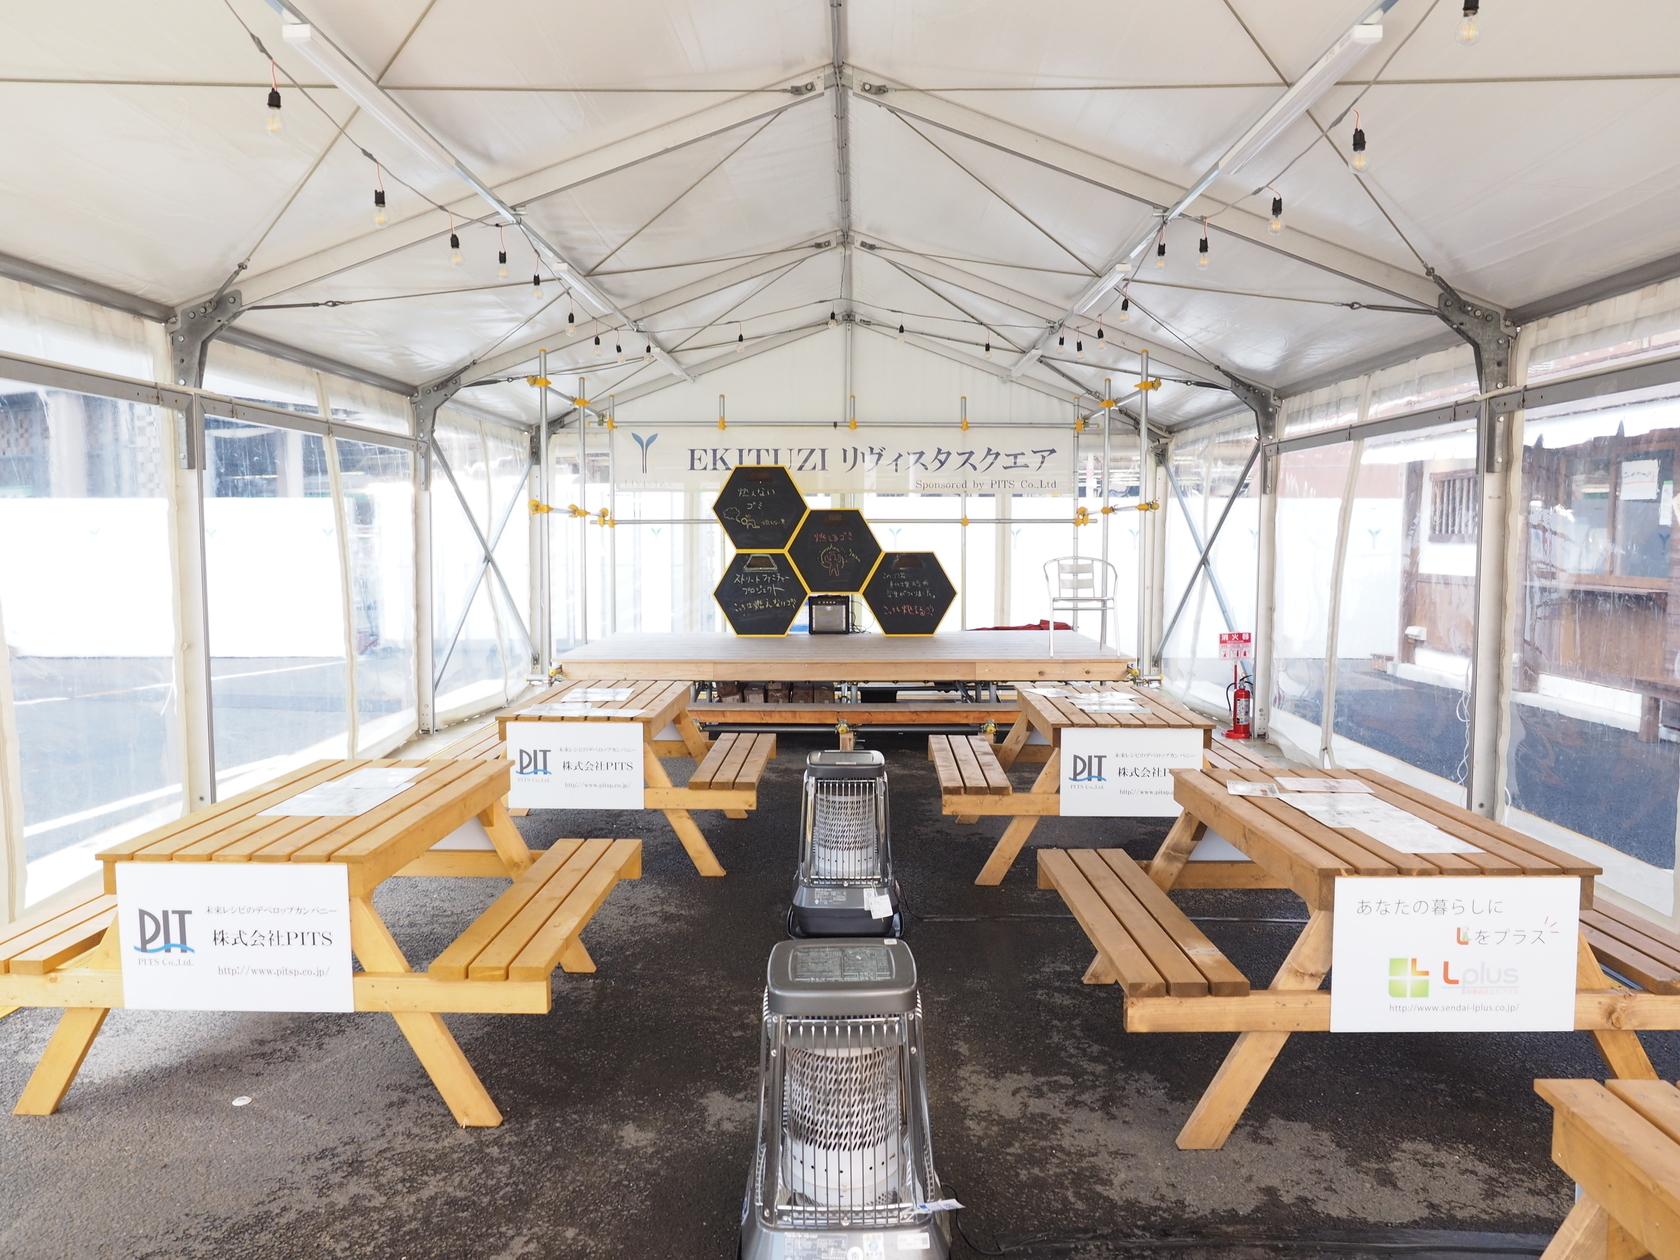 【3月~9月】【EKITUZI】仙台駅徒歩0分 ステージ/電源つき 屋根付き屋外テントスペース のカバー写真